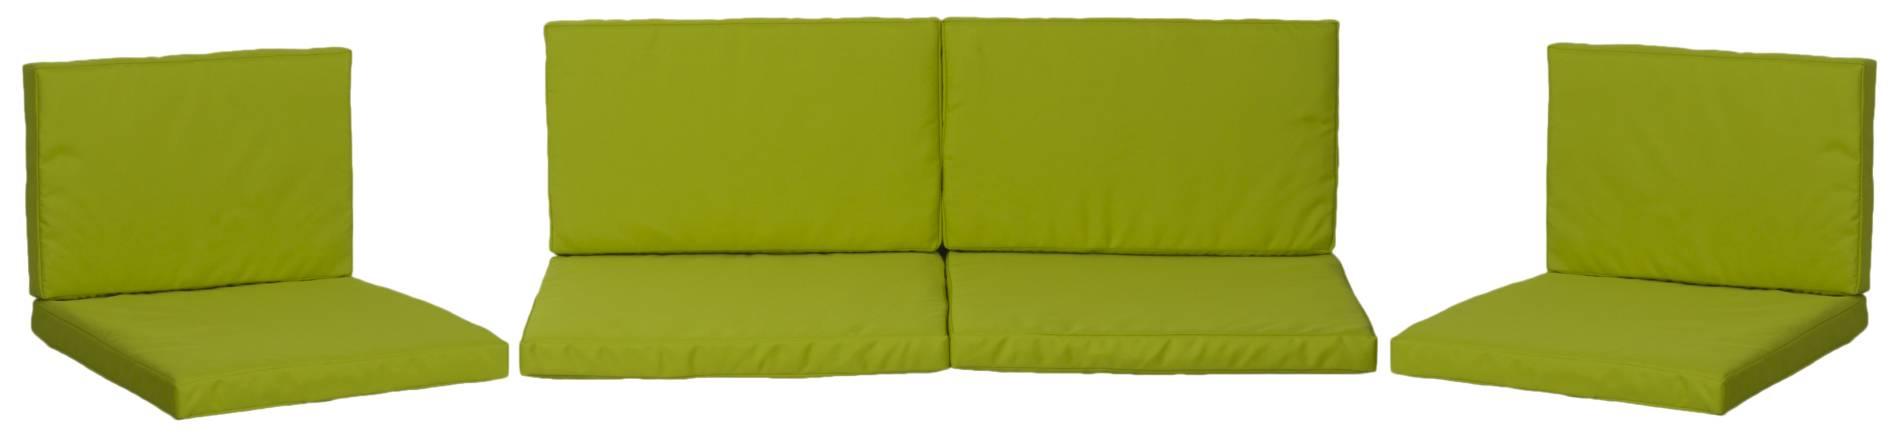 Gartenstuhlkissen 5cm dick in hellgrün für Monaco Lounge Gruppen wasserabweisend